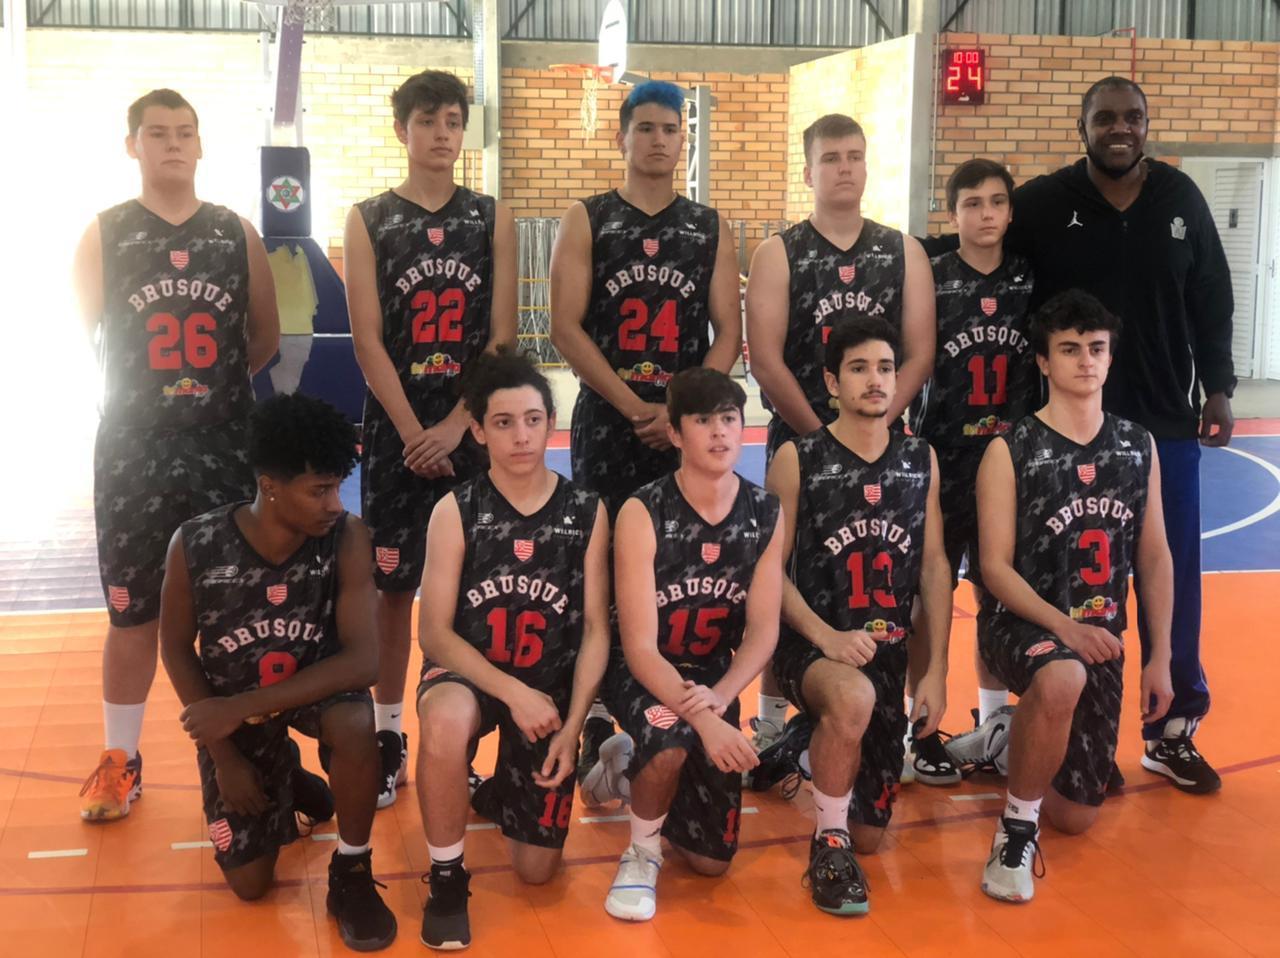 Equipe estreia com vitória na Copa Santa Catarina de Basquete Sub-16